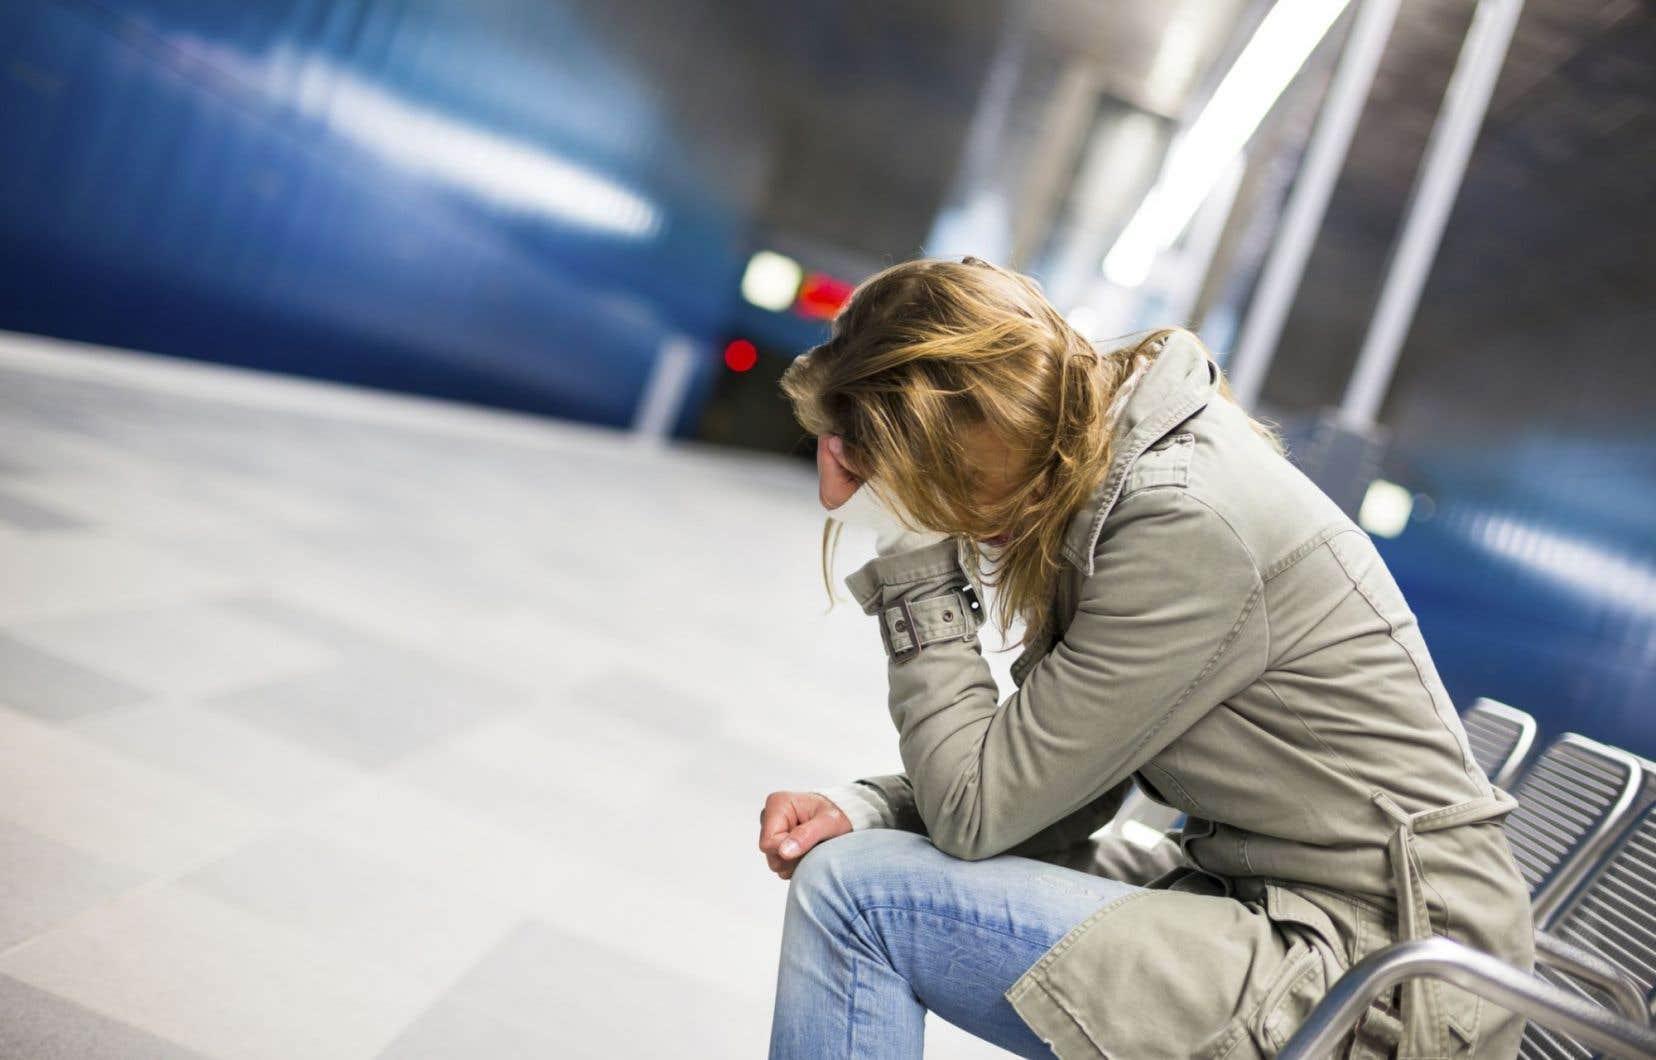 Les antidépresseurs se classaient au 2erang parmi les médicaments sur ordonnance les plus prescrits aux filles âgées de 15 à 24ans.